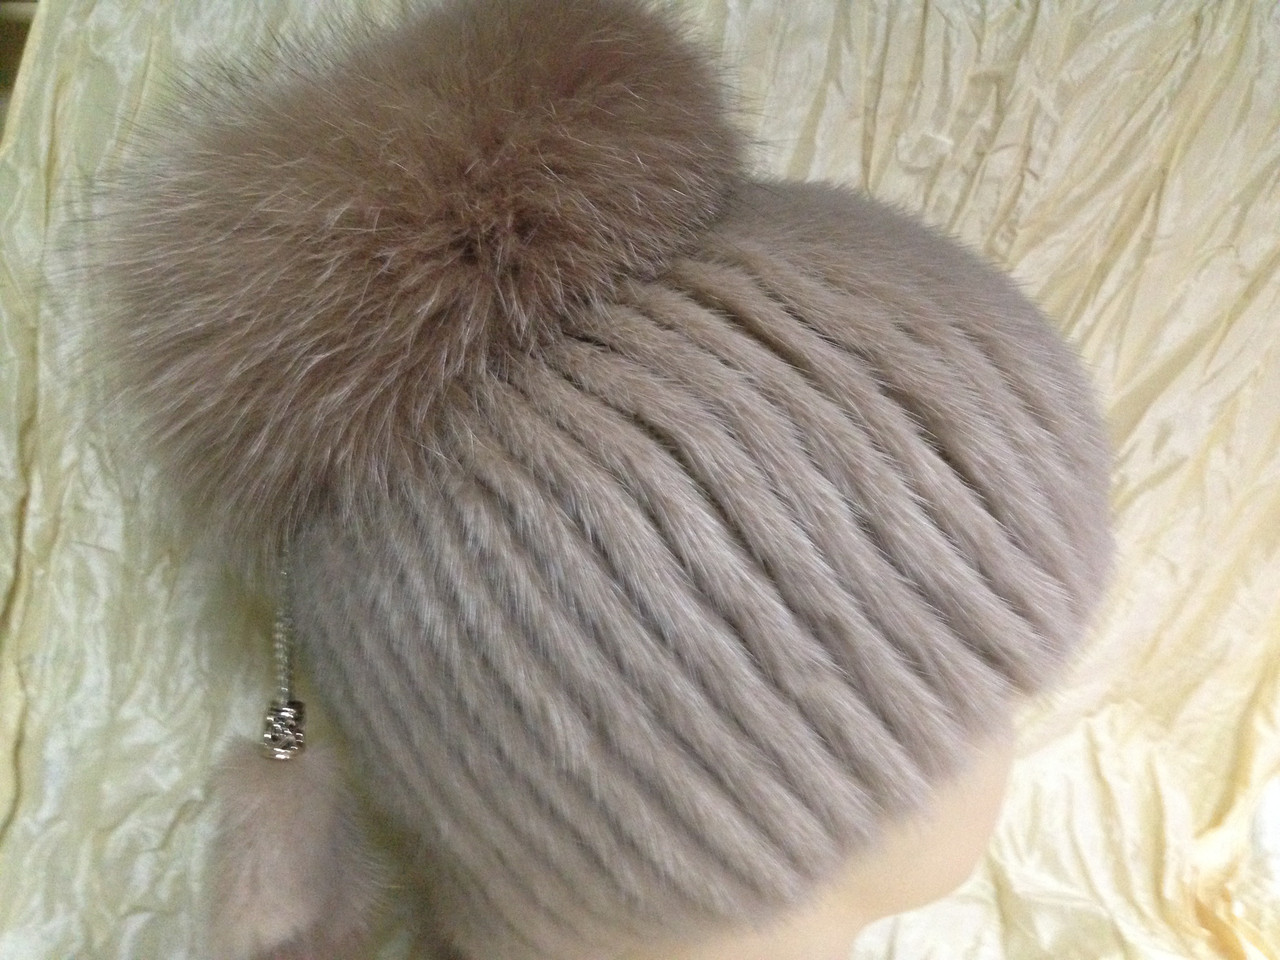 Меховая шапка из норки цвет кофе с молоком на вязанной  основе